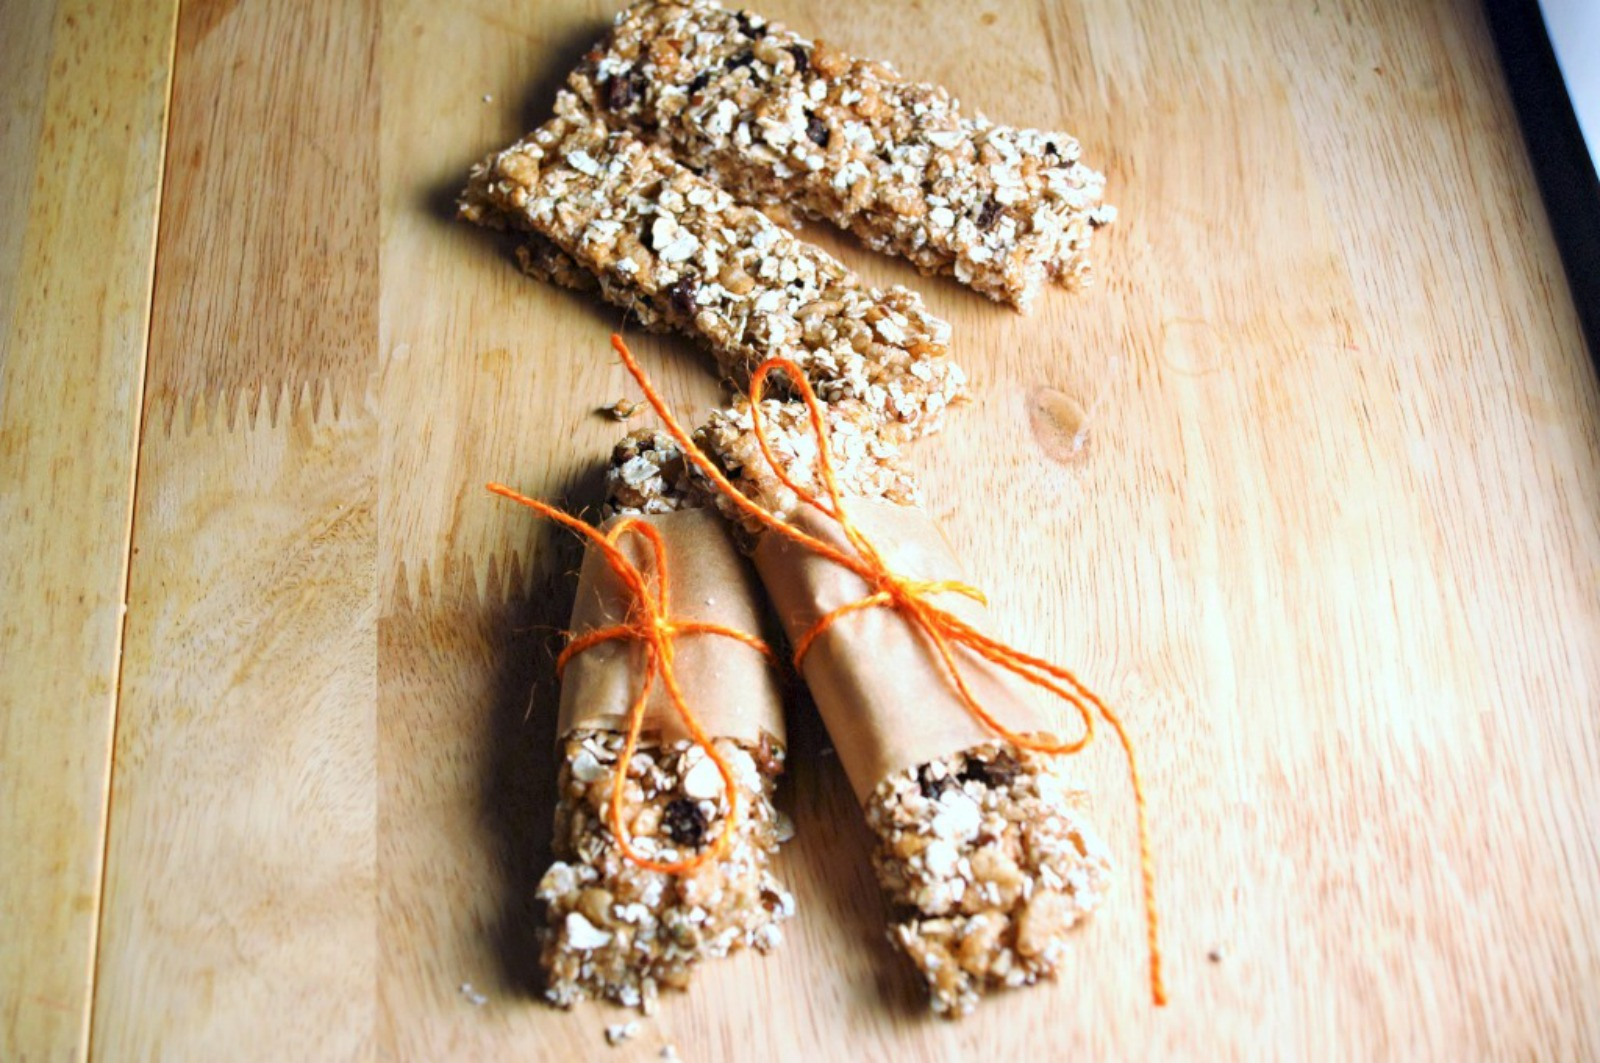 Autumn Spice Granola Bars [Vegan]